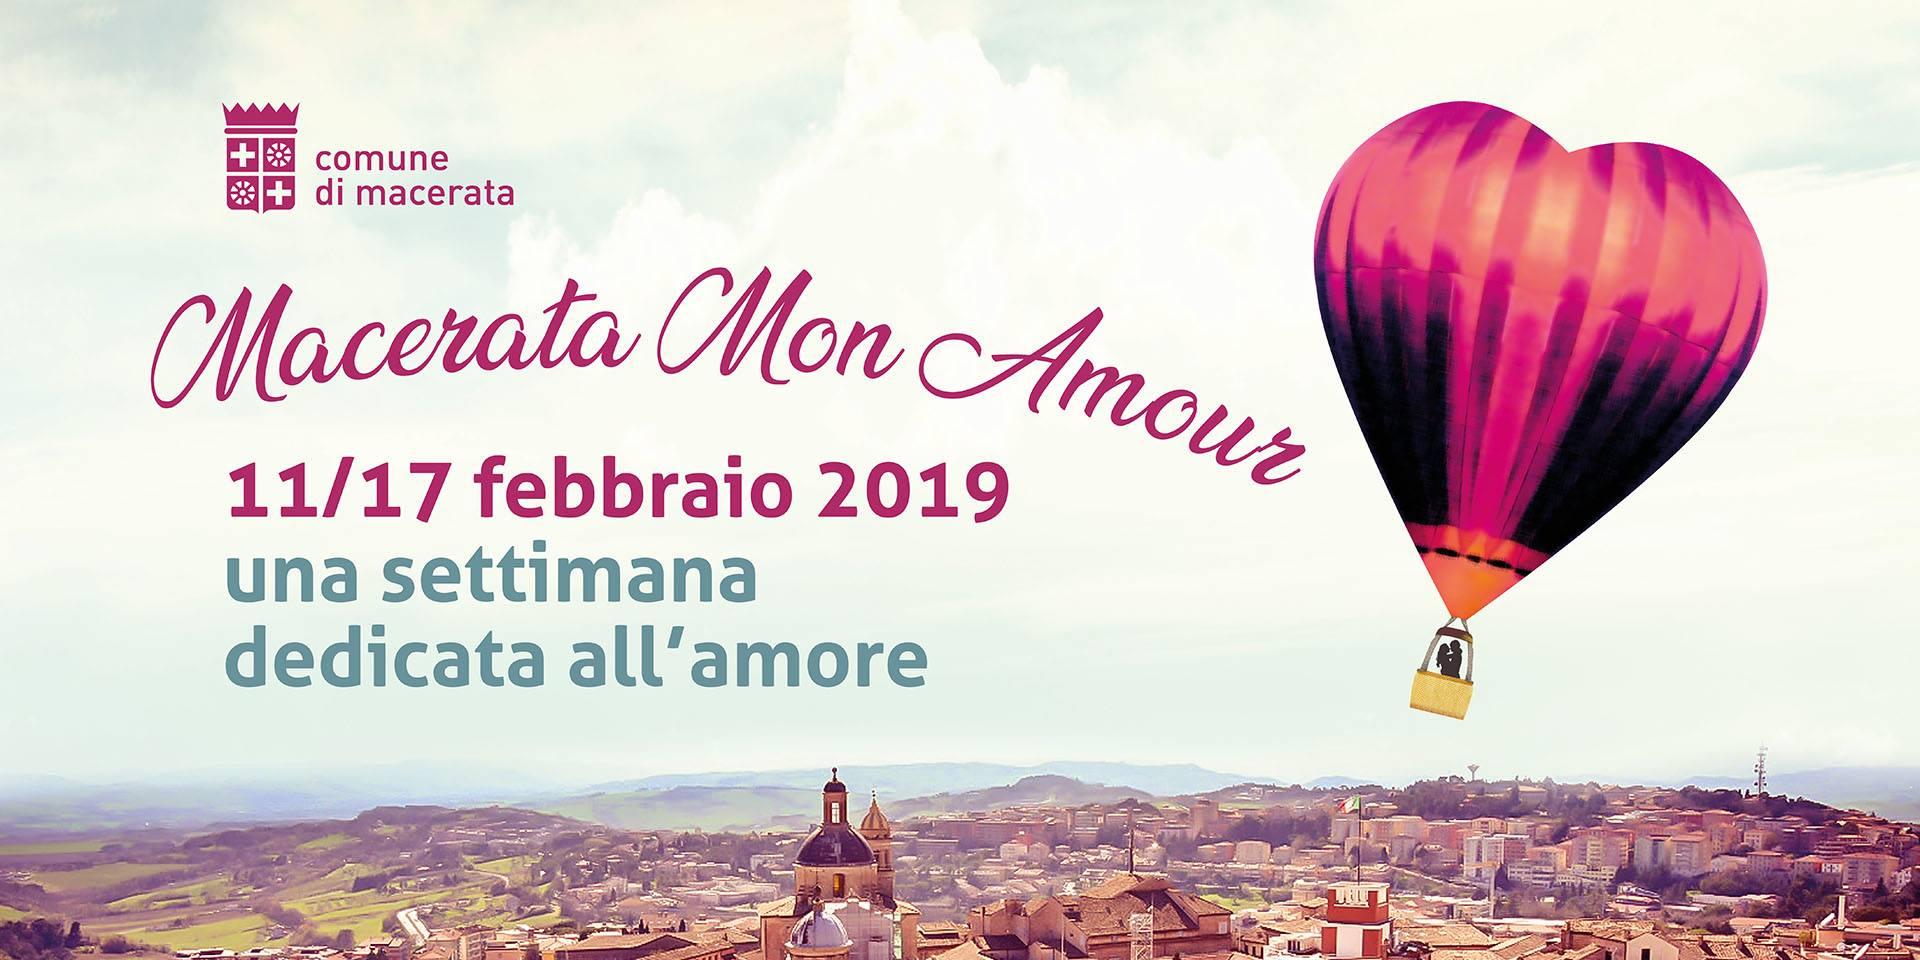 Macerata Mon Amour, il centro storico pieno d'amore